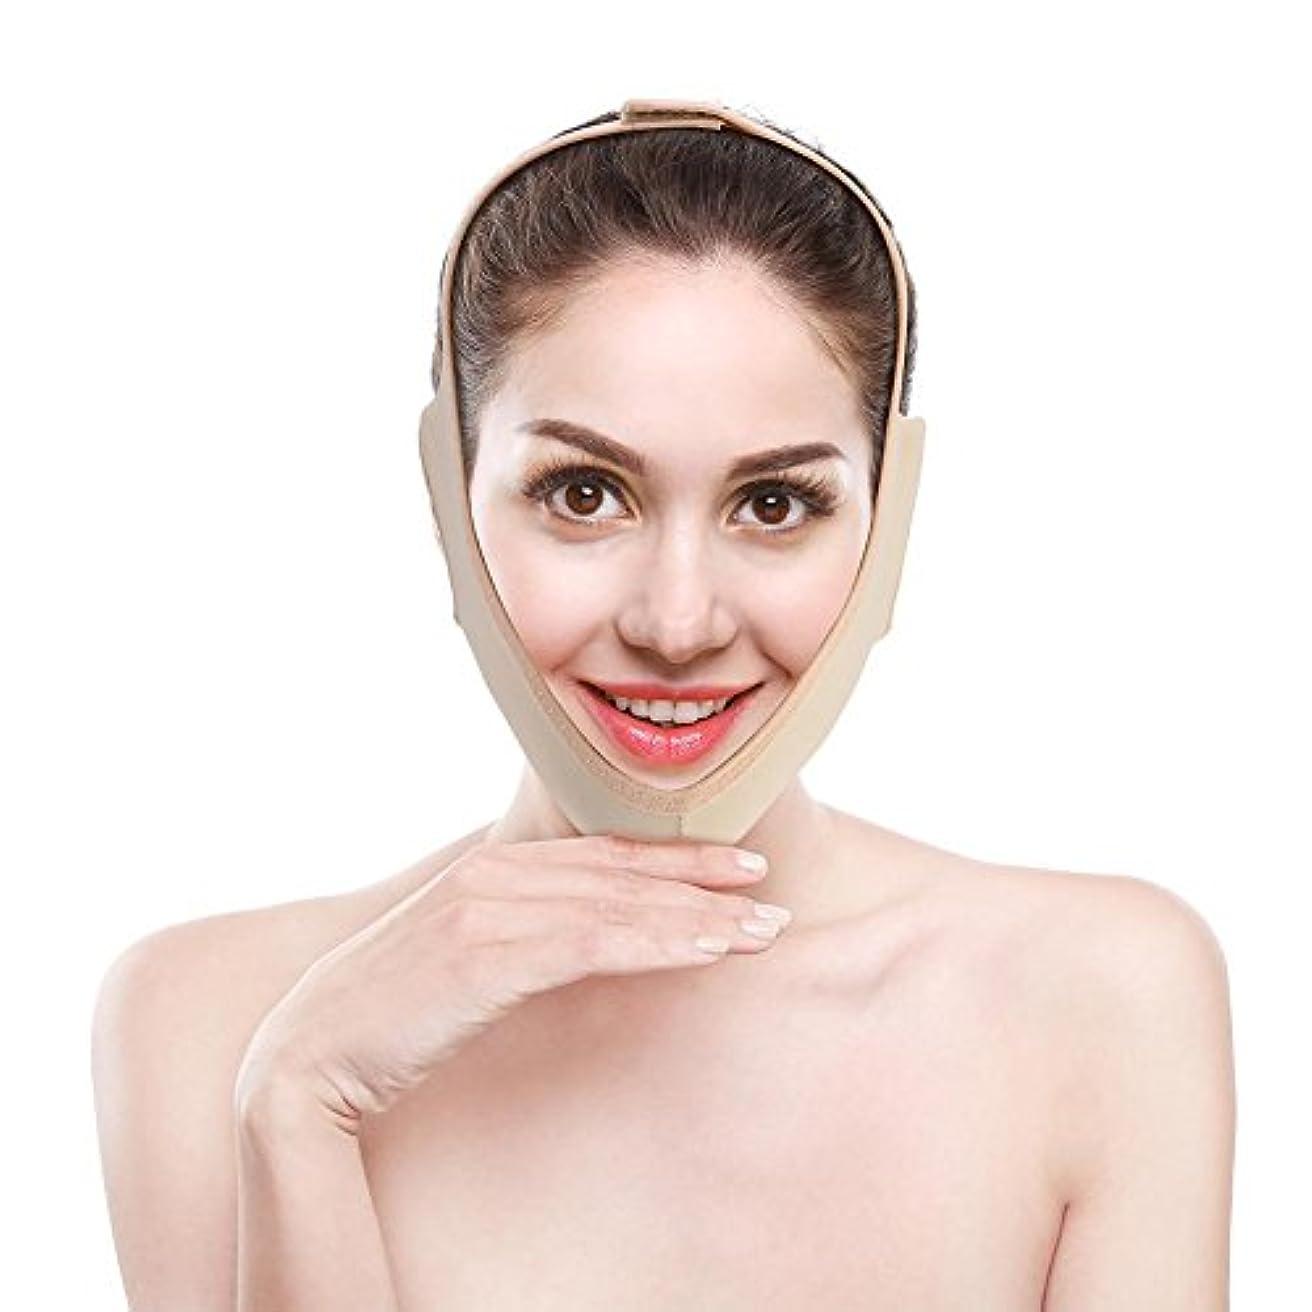 ブランク物理的にゼリー顔の輪郭を改善するVフェイス包帯、フェイスリフト用フェイスマスク、通気性/伸縮性/非変形性(M)